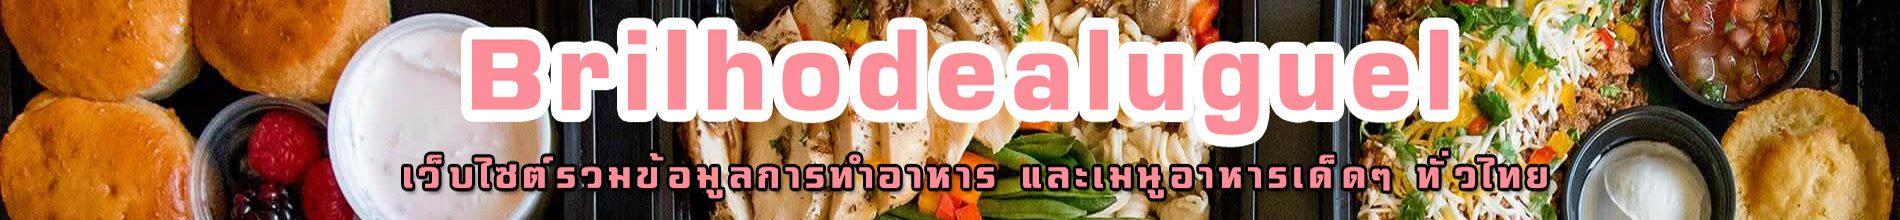 เว็บไซต์รวบรวมข้อมูลการทำอาหาร อาหารเด็ด ทั่วไทย